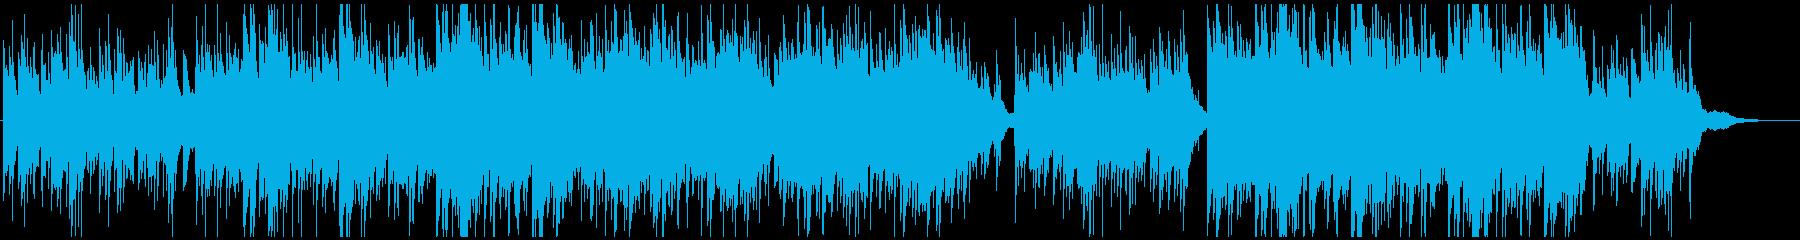 感動映像用ピアノとギターで明るく切ないの再生済みの波形